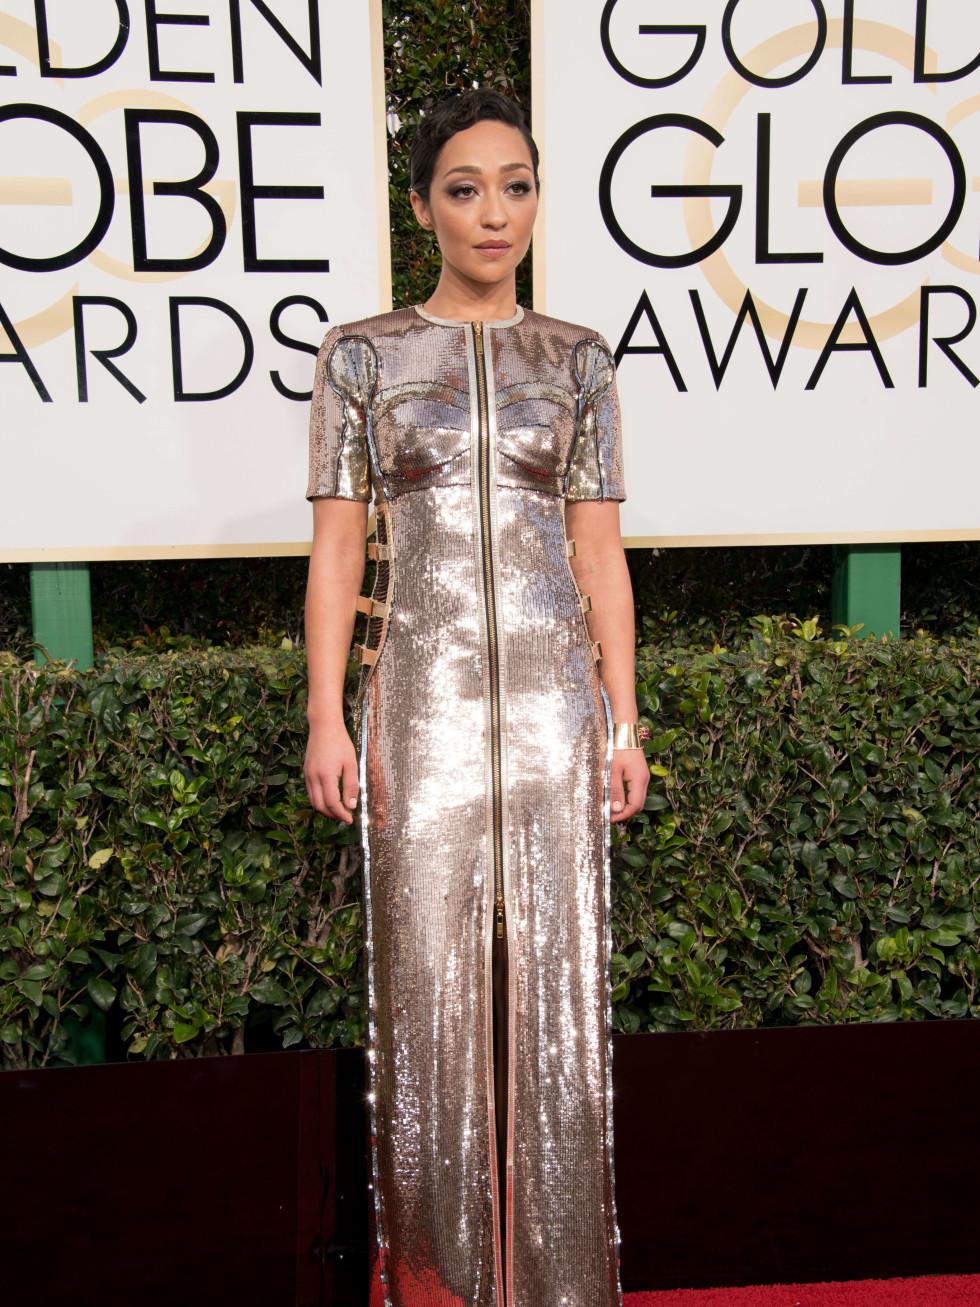 Ruth Negga at Golden Globes 2017